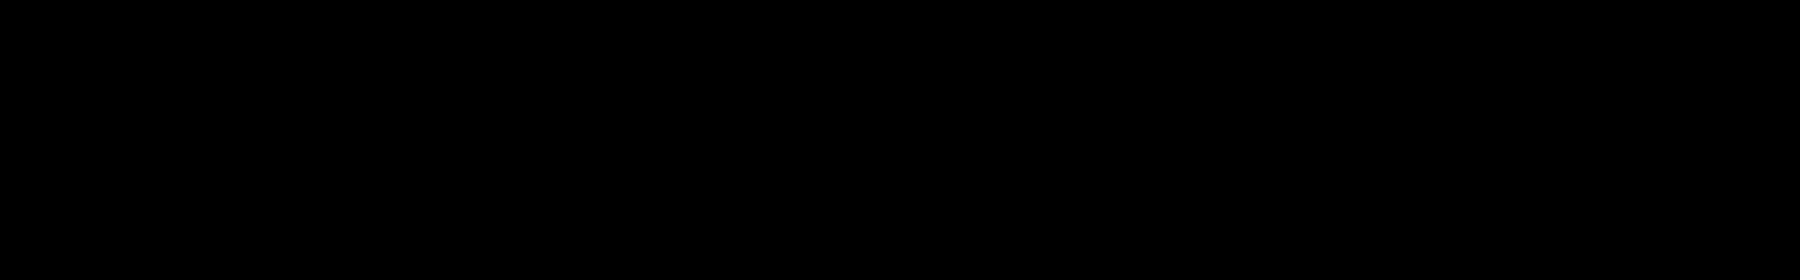 The Amp audio waveform